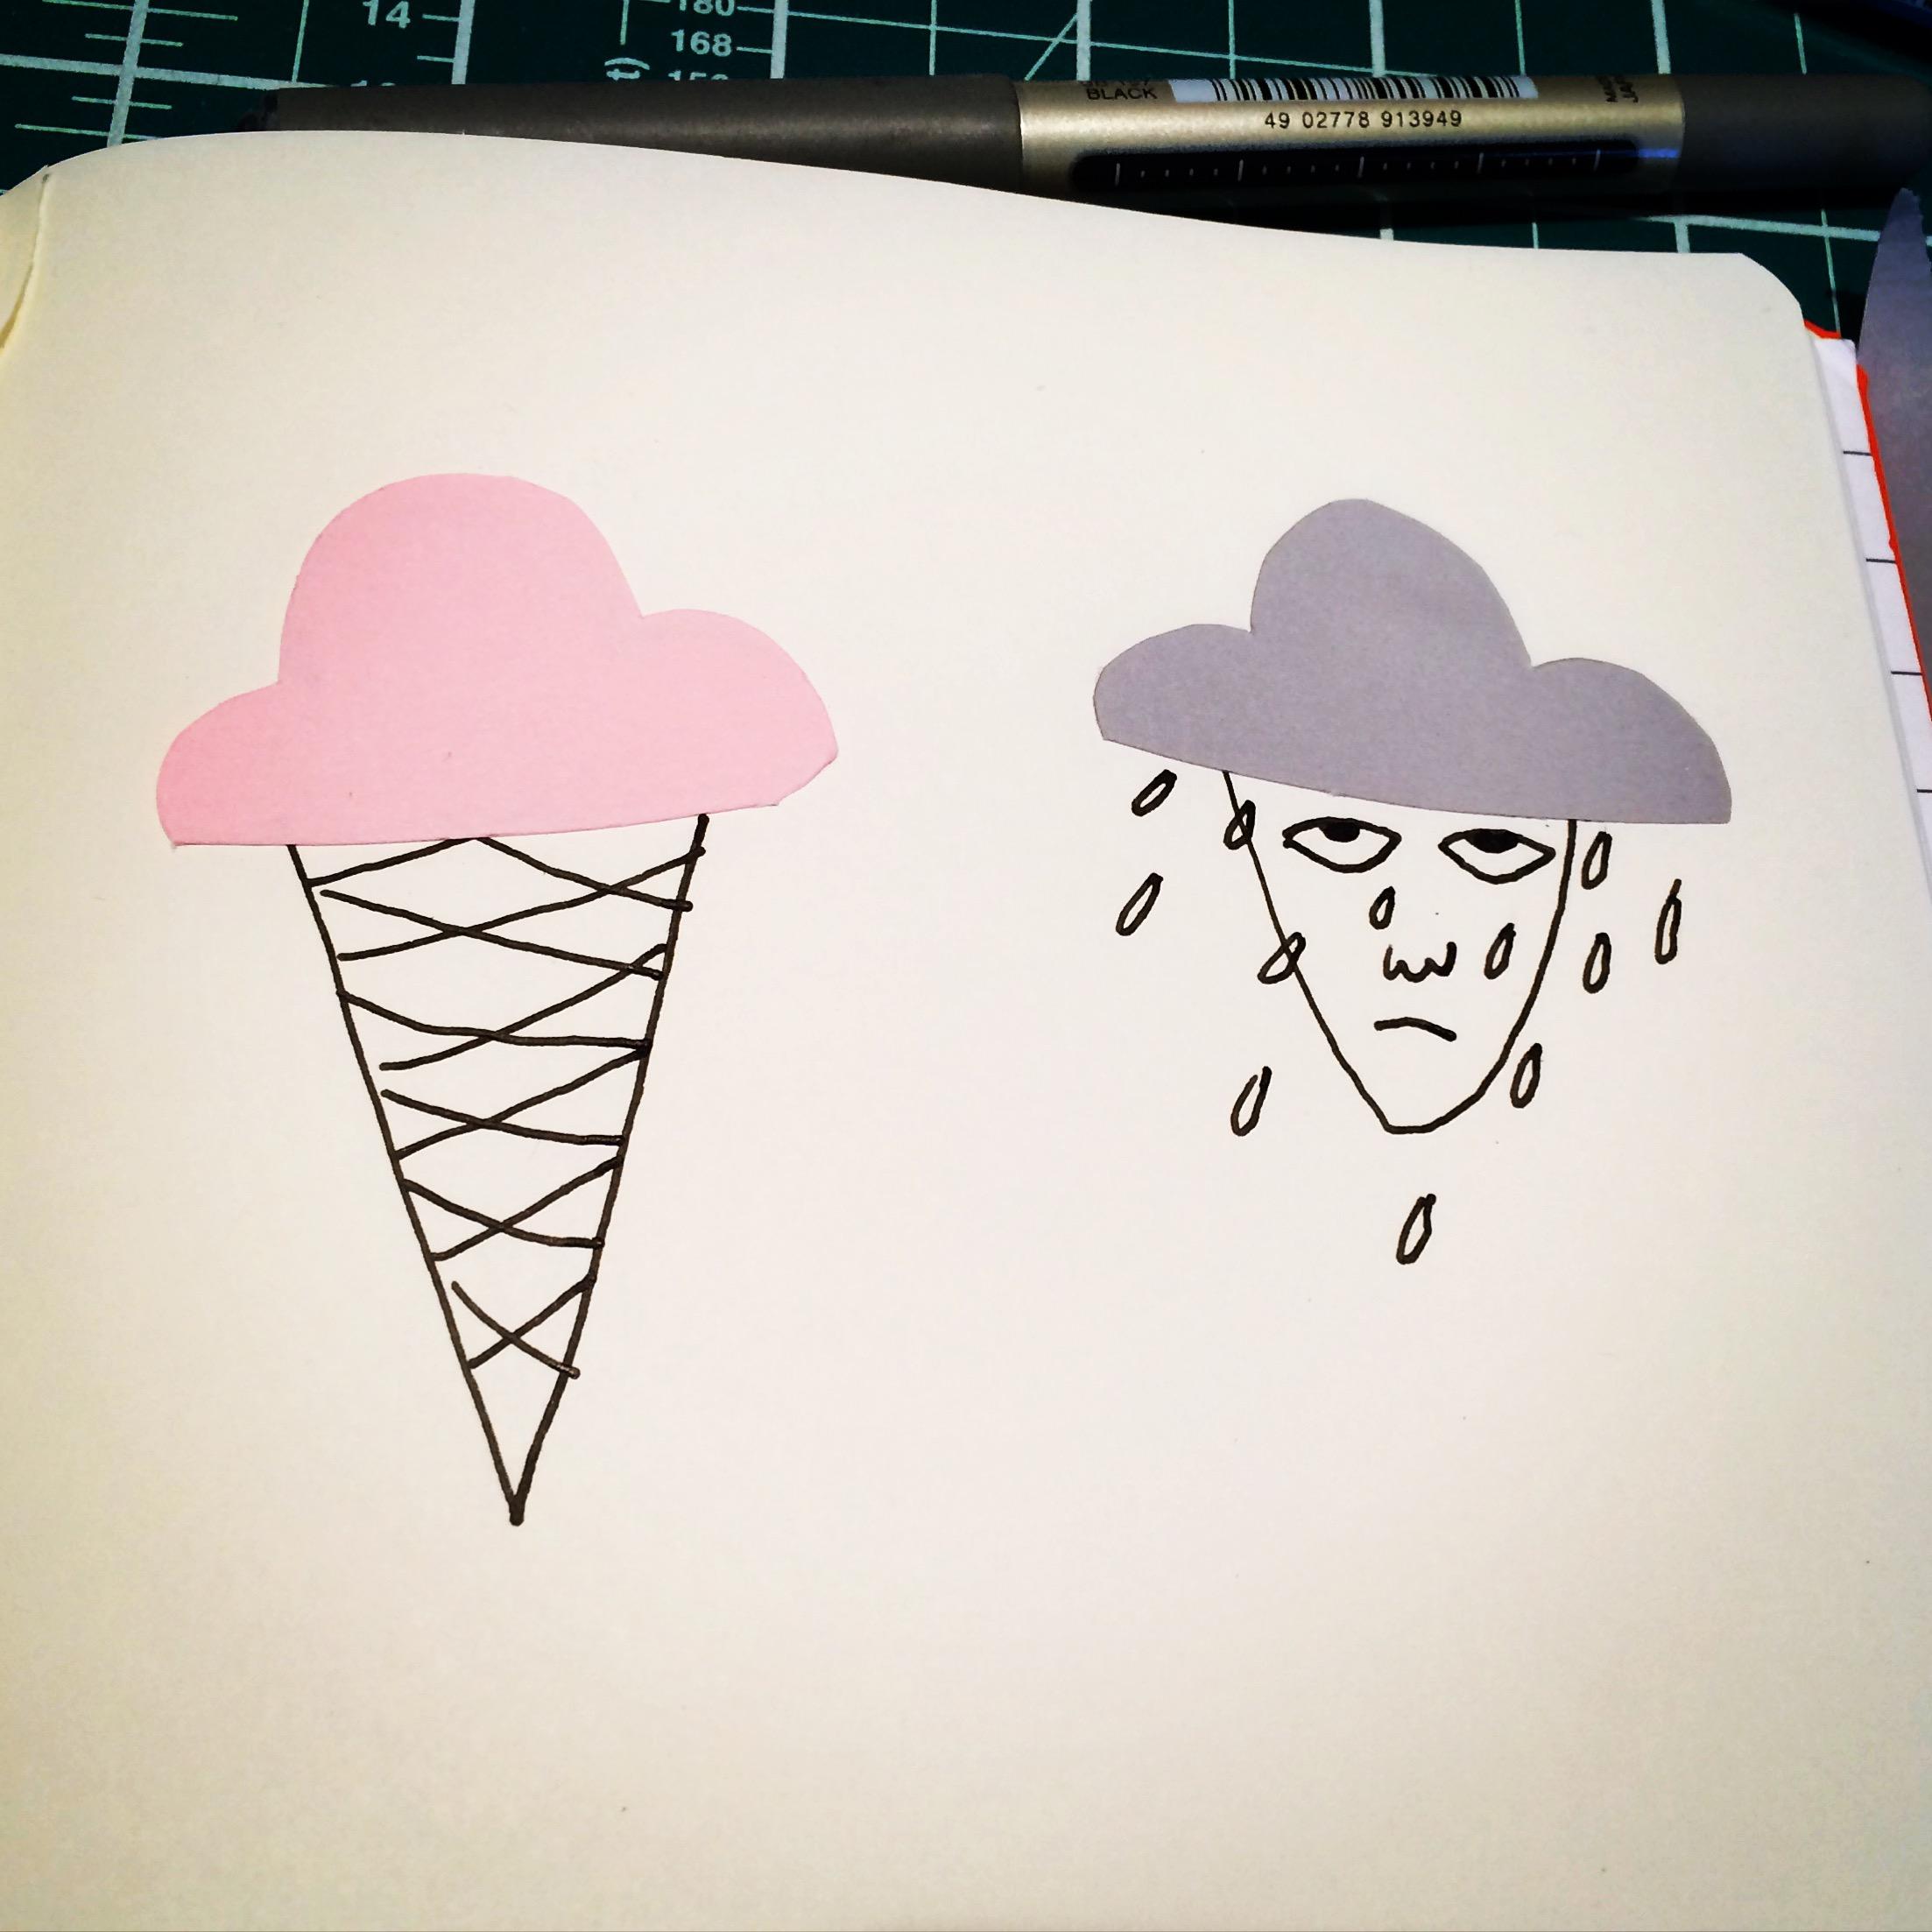 Pink Versus Grey